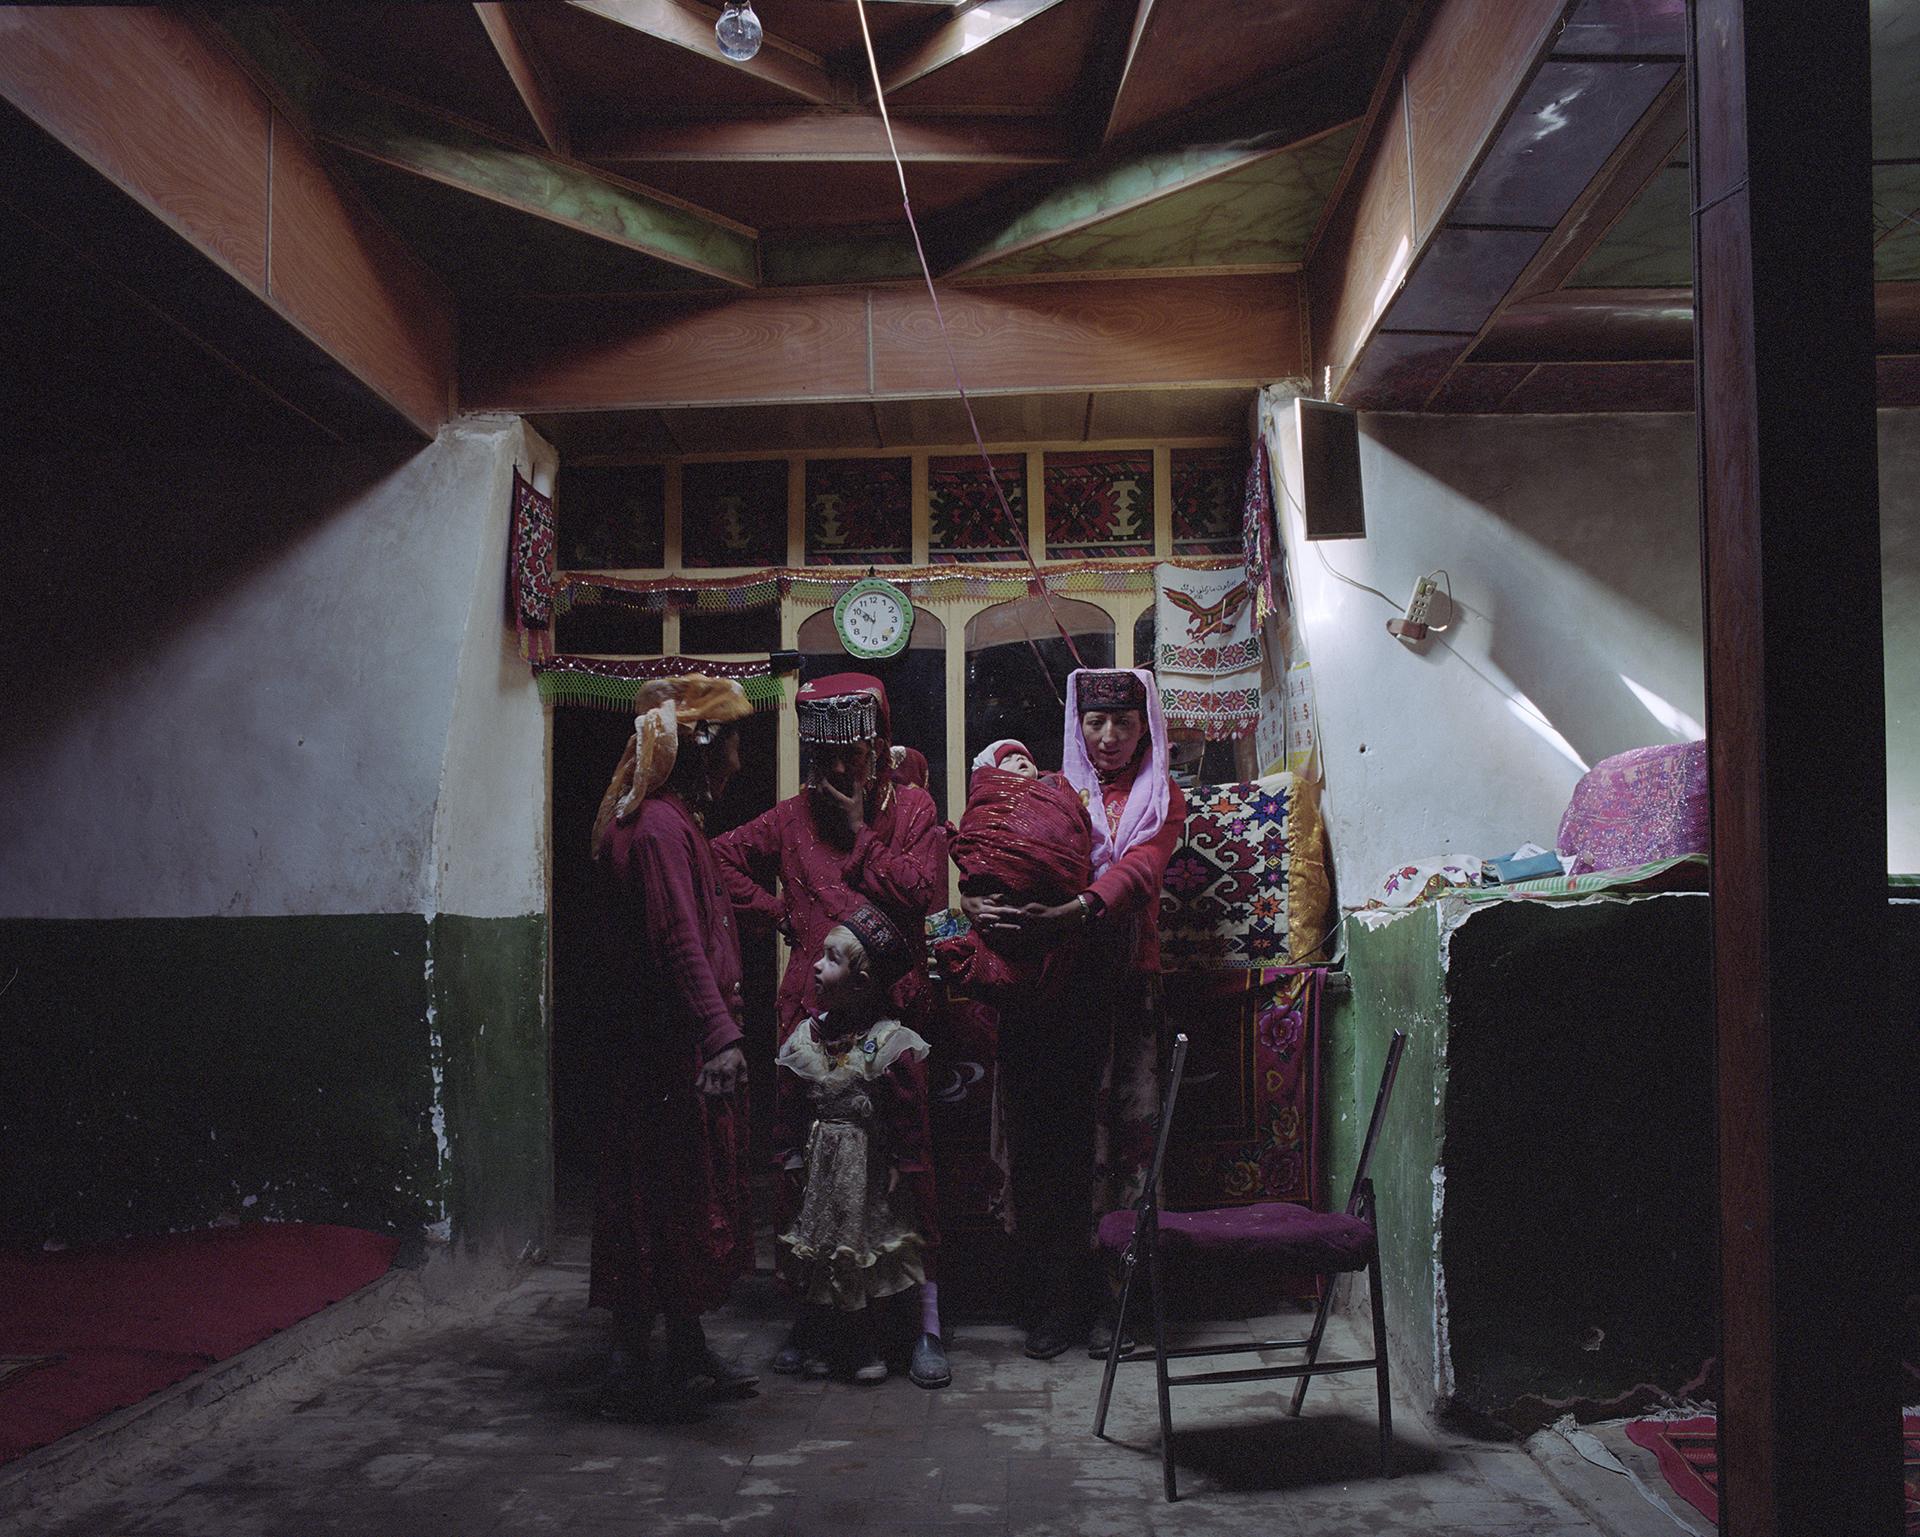 2007 Xinjiang - Tadjik women in their common room.